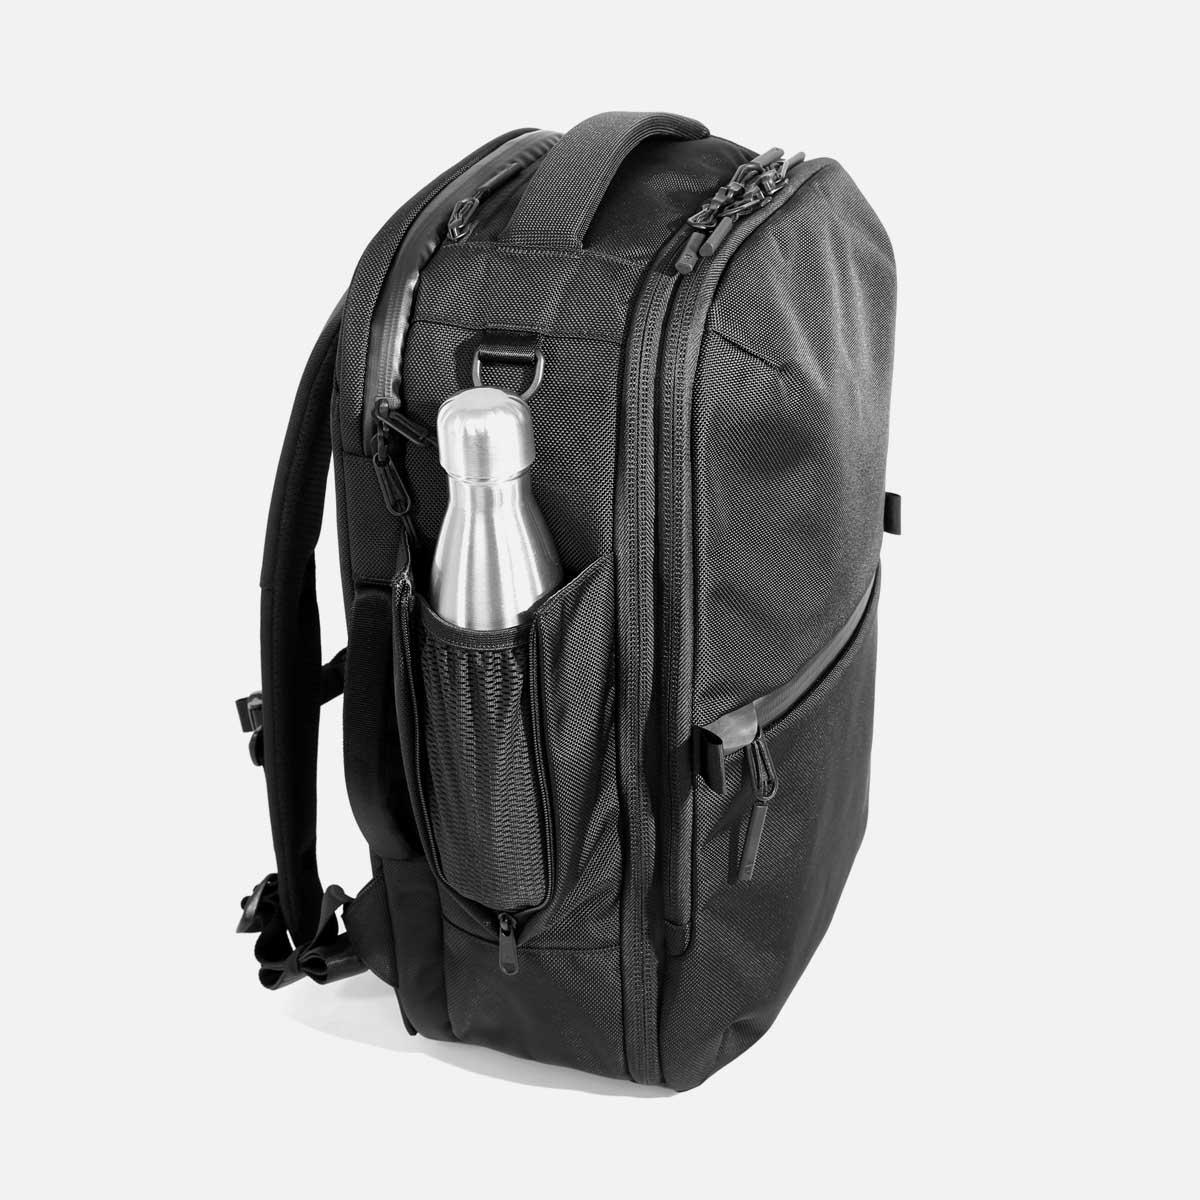 AER21022_travelpack2small_bottle.jpg